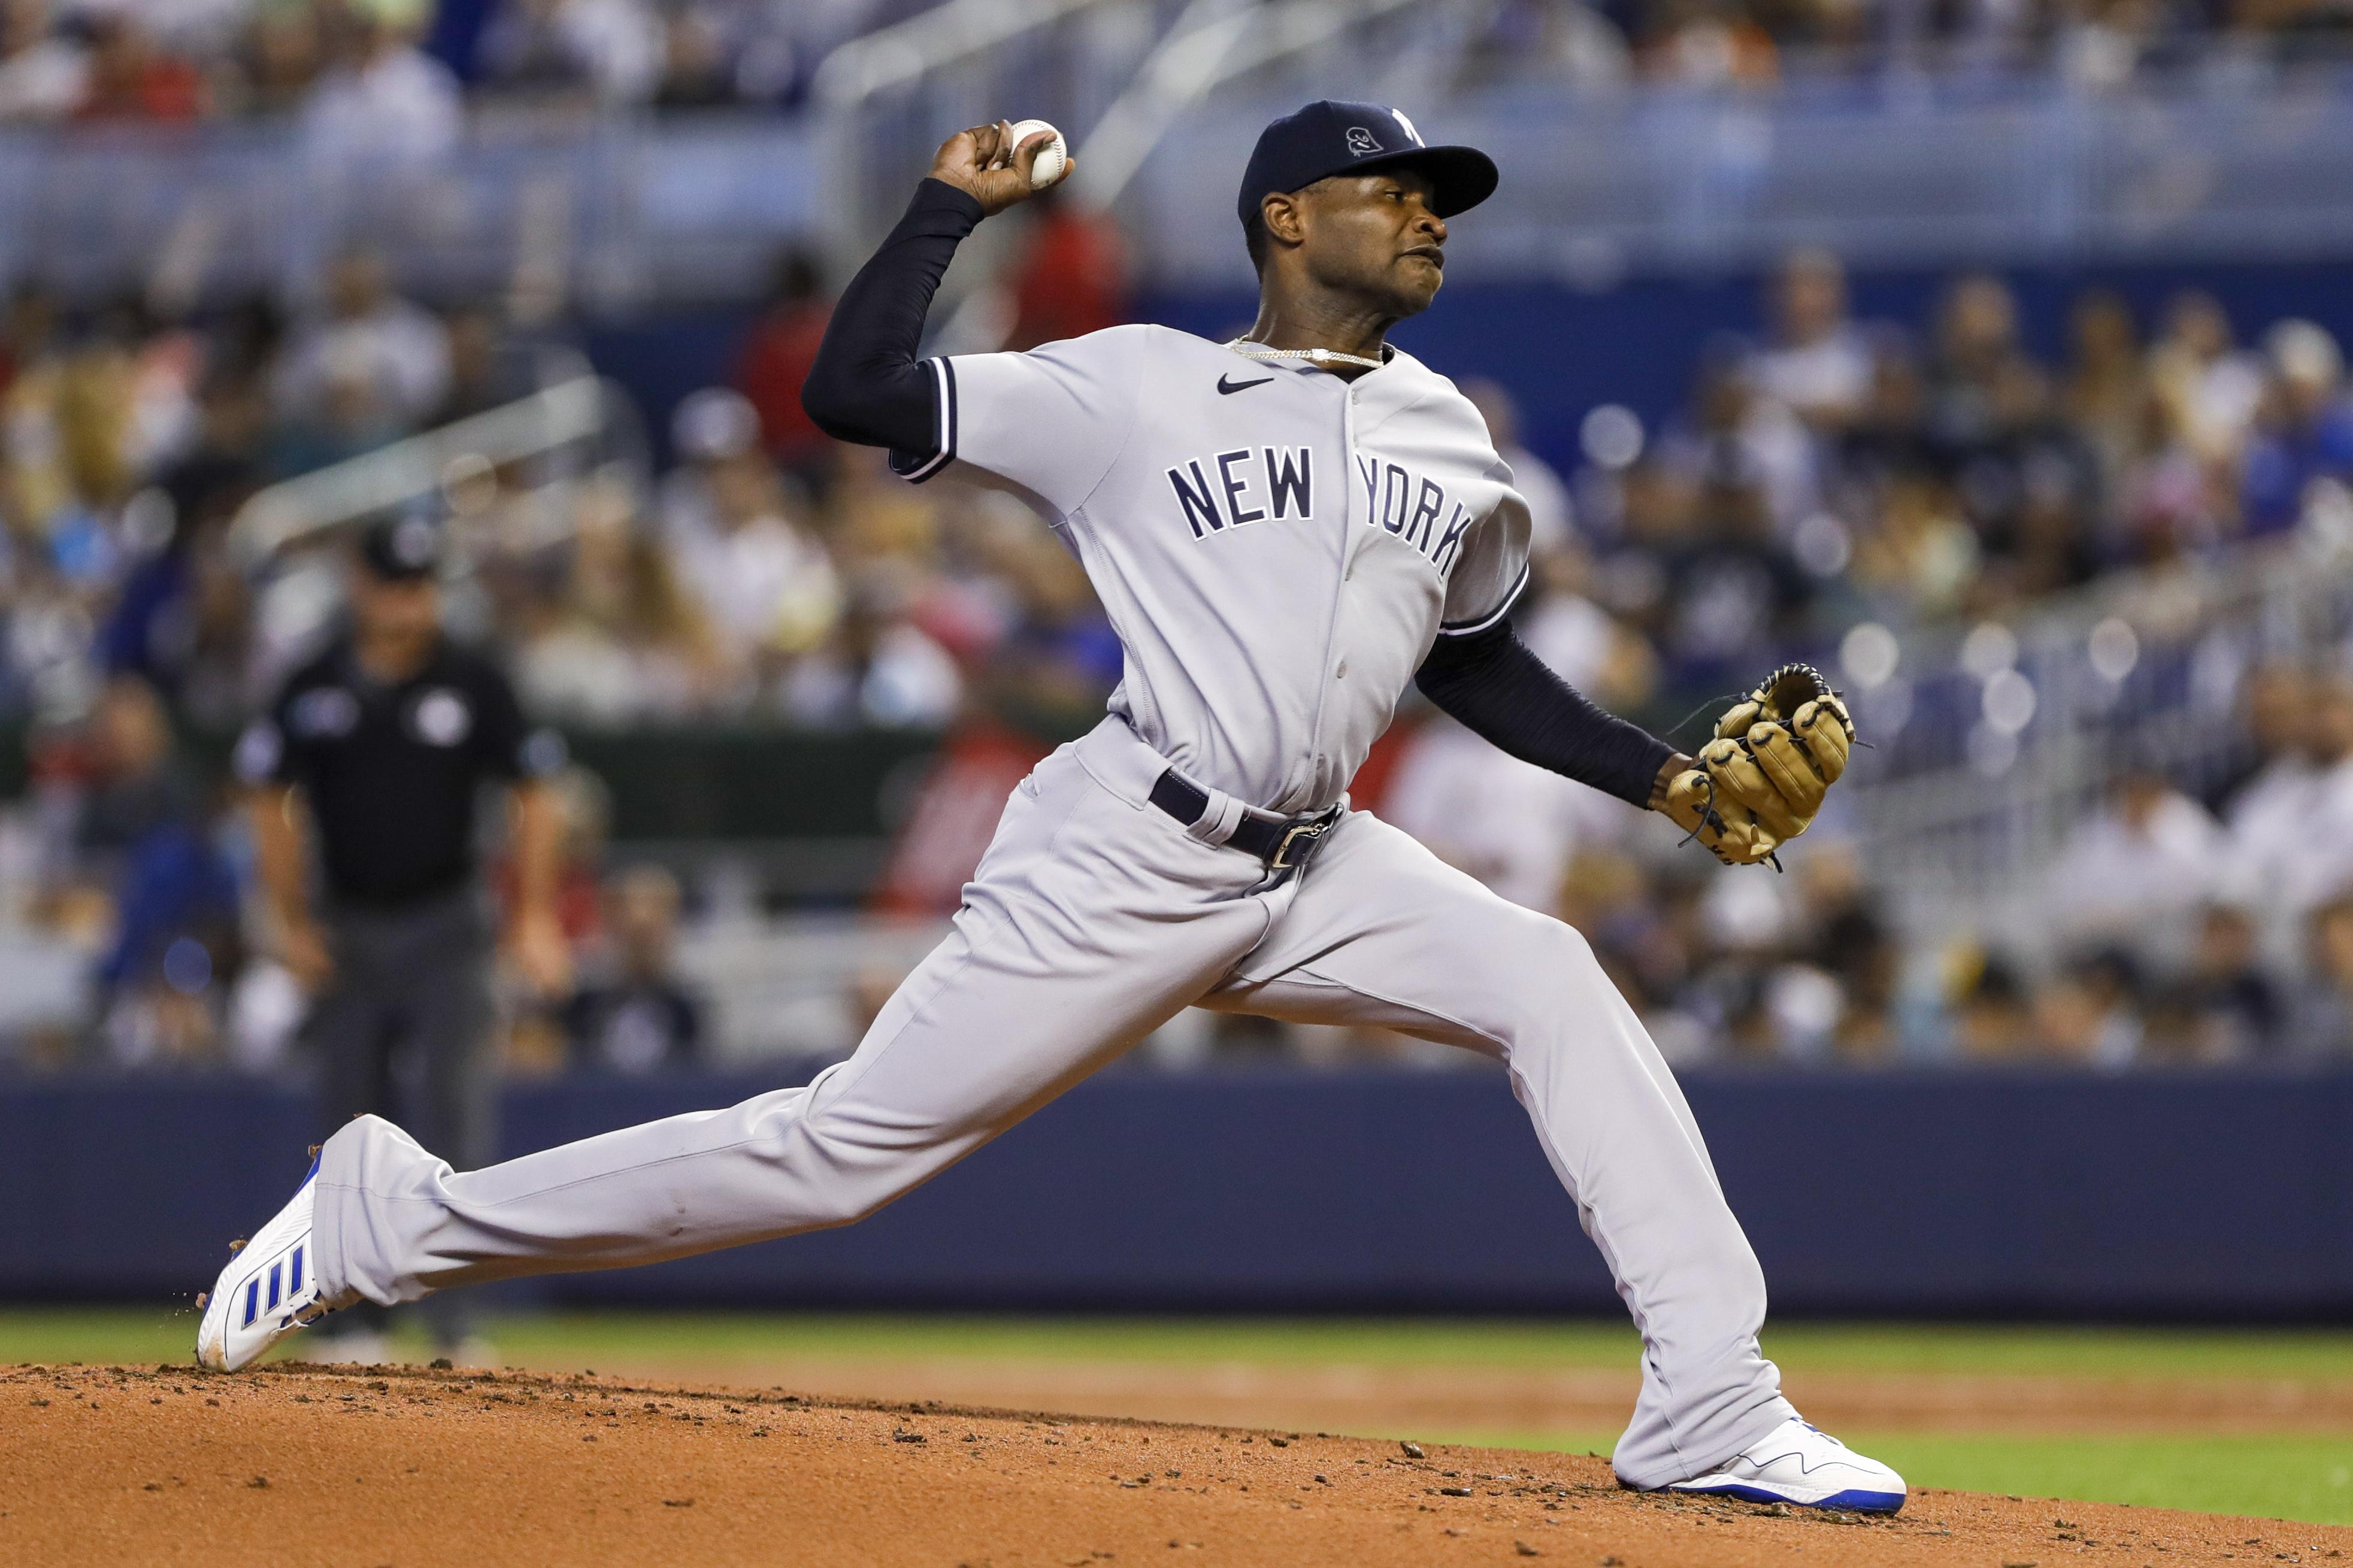 MLB: New York Yankees at Miami Marlins